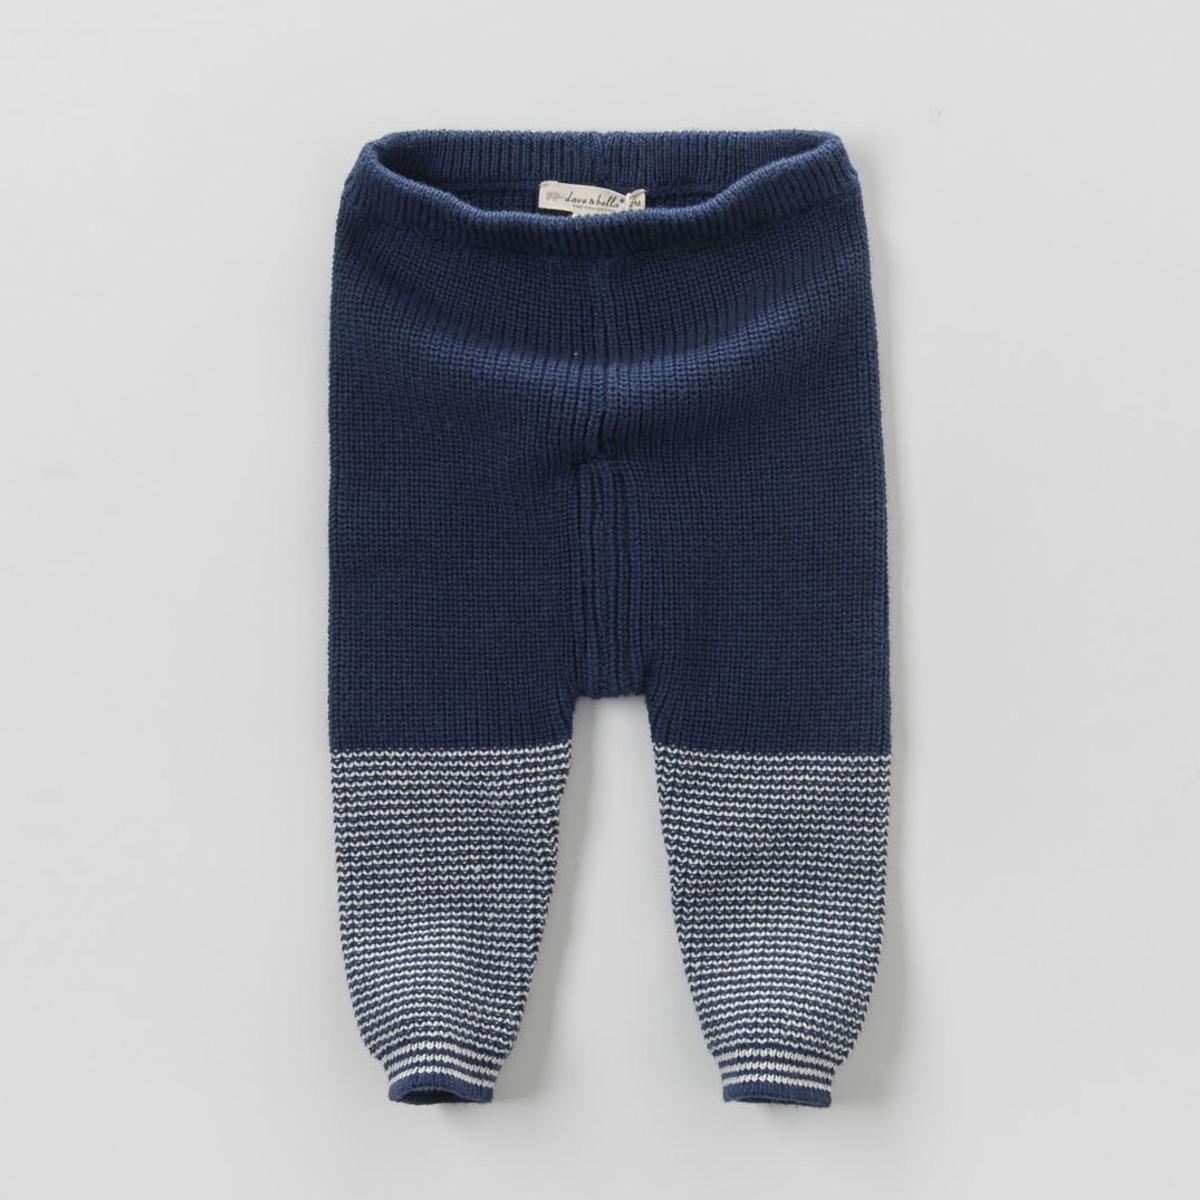 davebella戴維貝拉2016男童 針織褲子 寶寶毛線褲 KZ